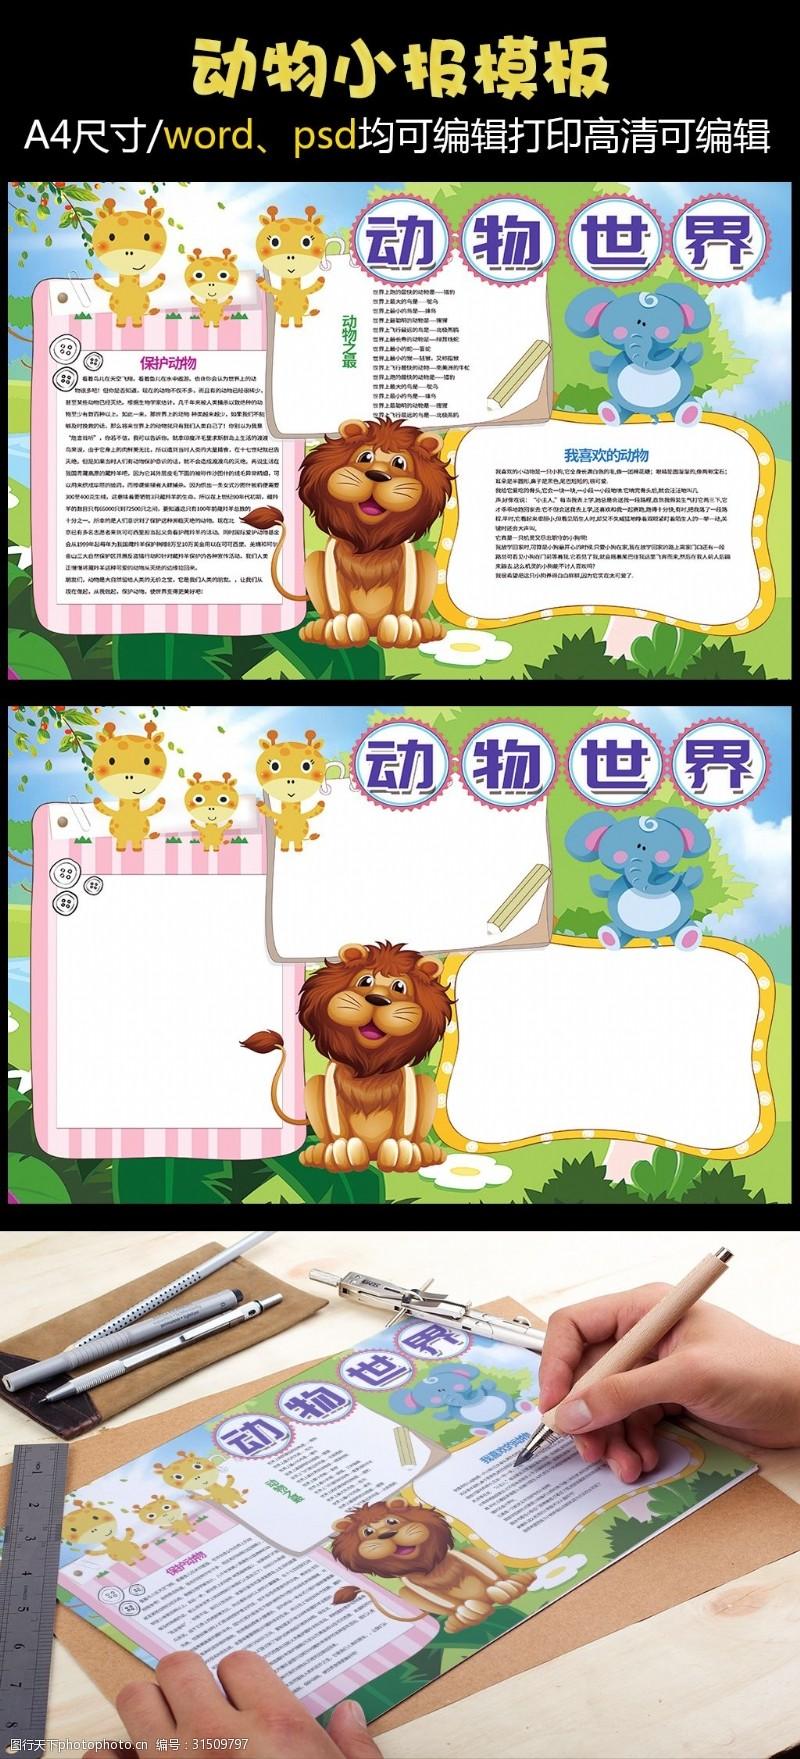 花边设计图保护野生动物动物小报模板